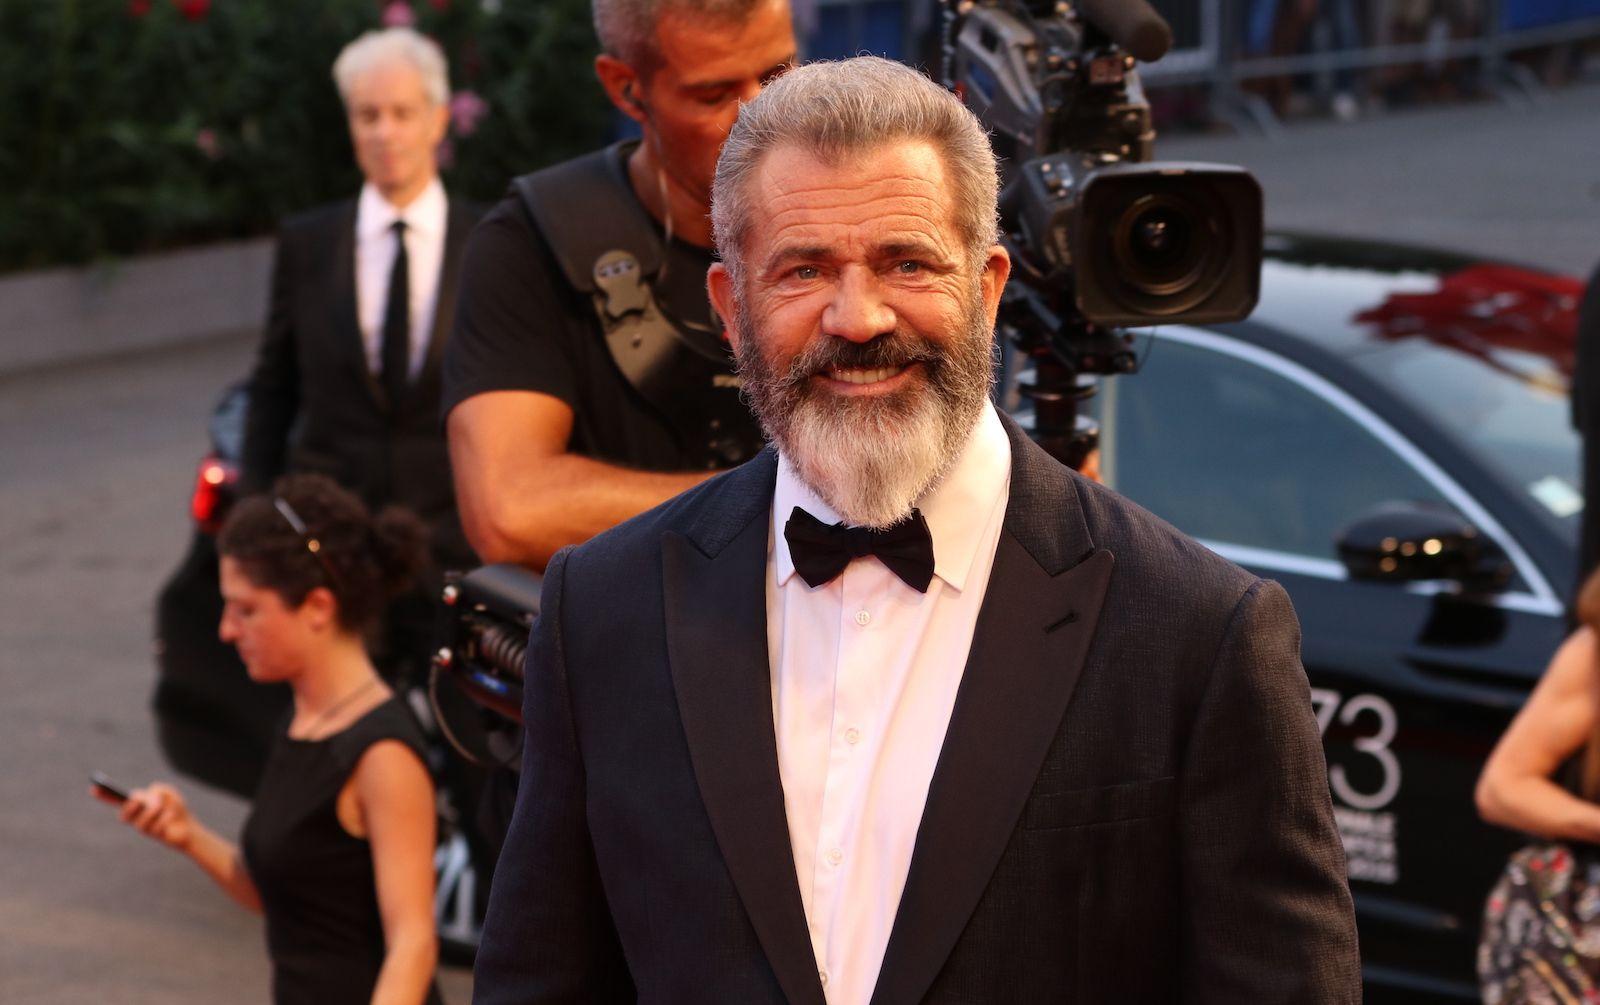 Mel Gibson a Venezia promuove la non-violenza. Con fiumi di violenza